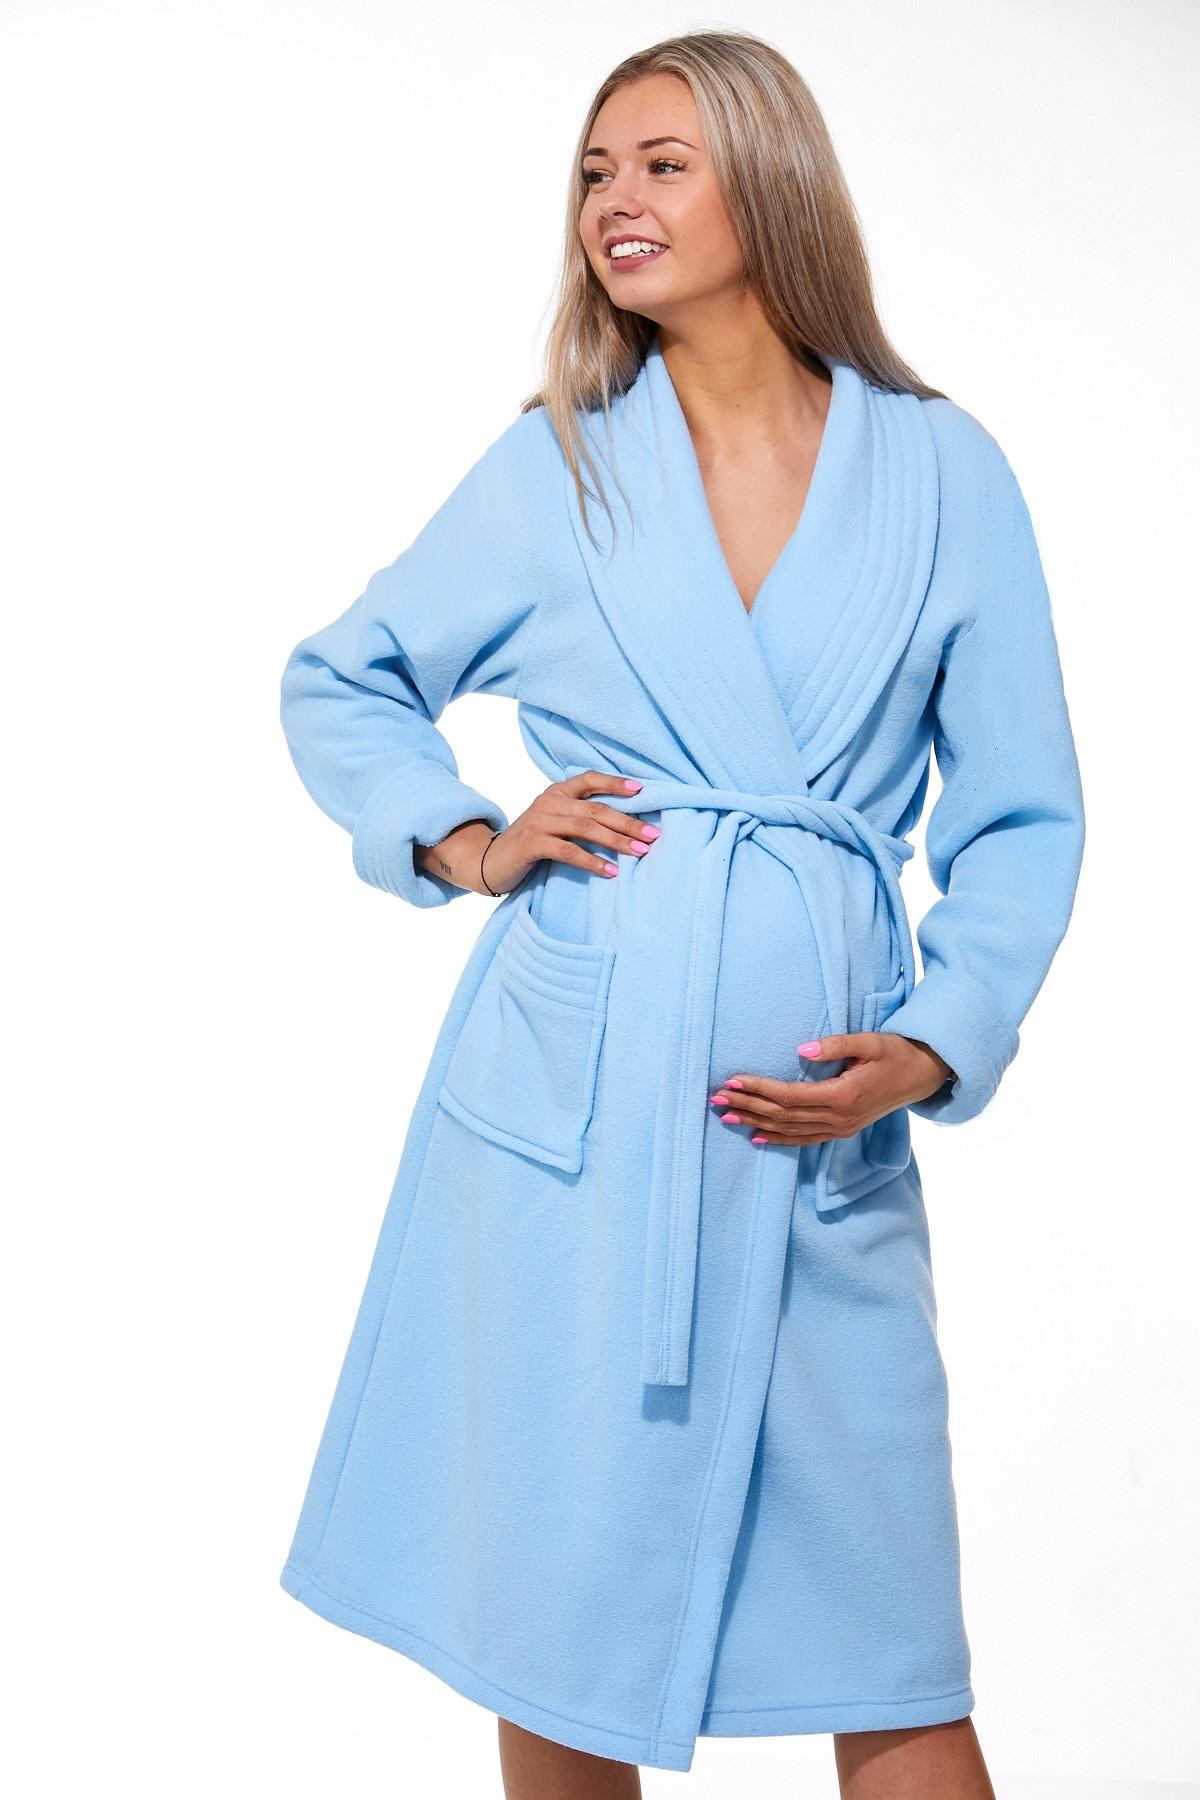 Těhotenský župan do porodnice 1W0434